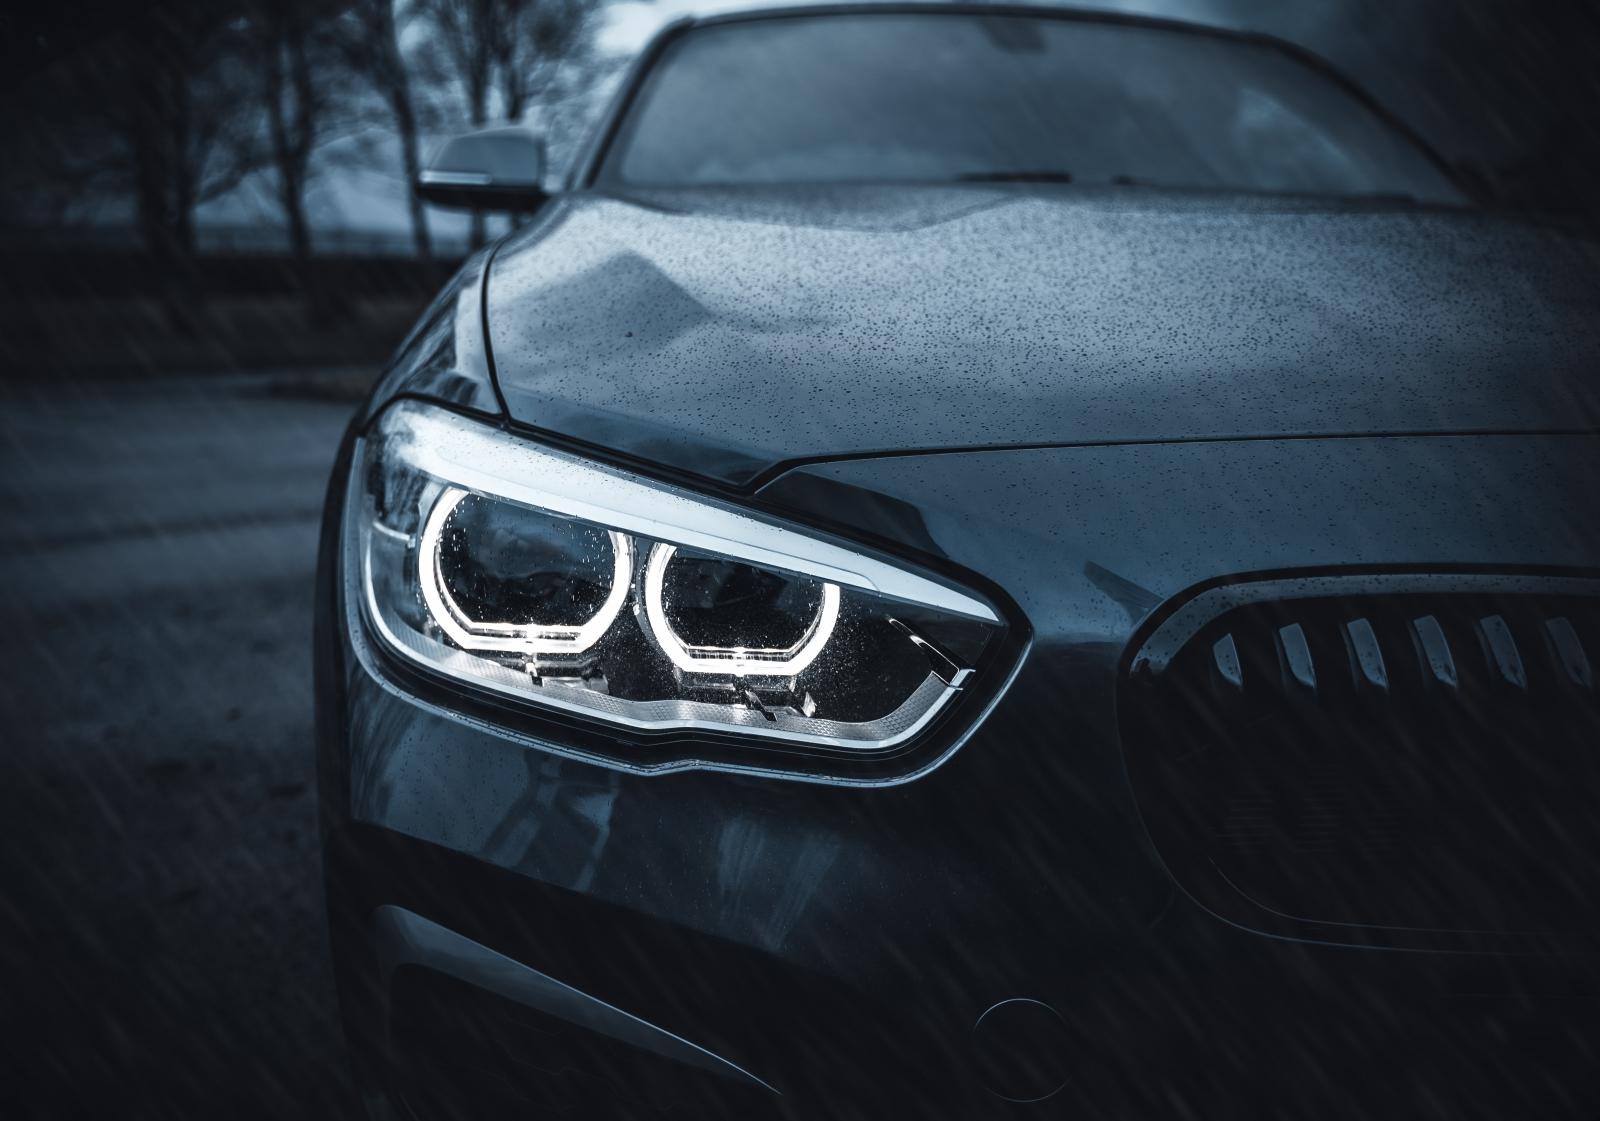 【汽車專知】大燈是什麼?遠光燈與進光燈的使用時機!可以用霧燈代替嗎?